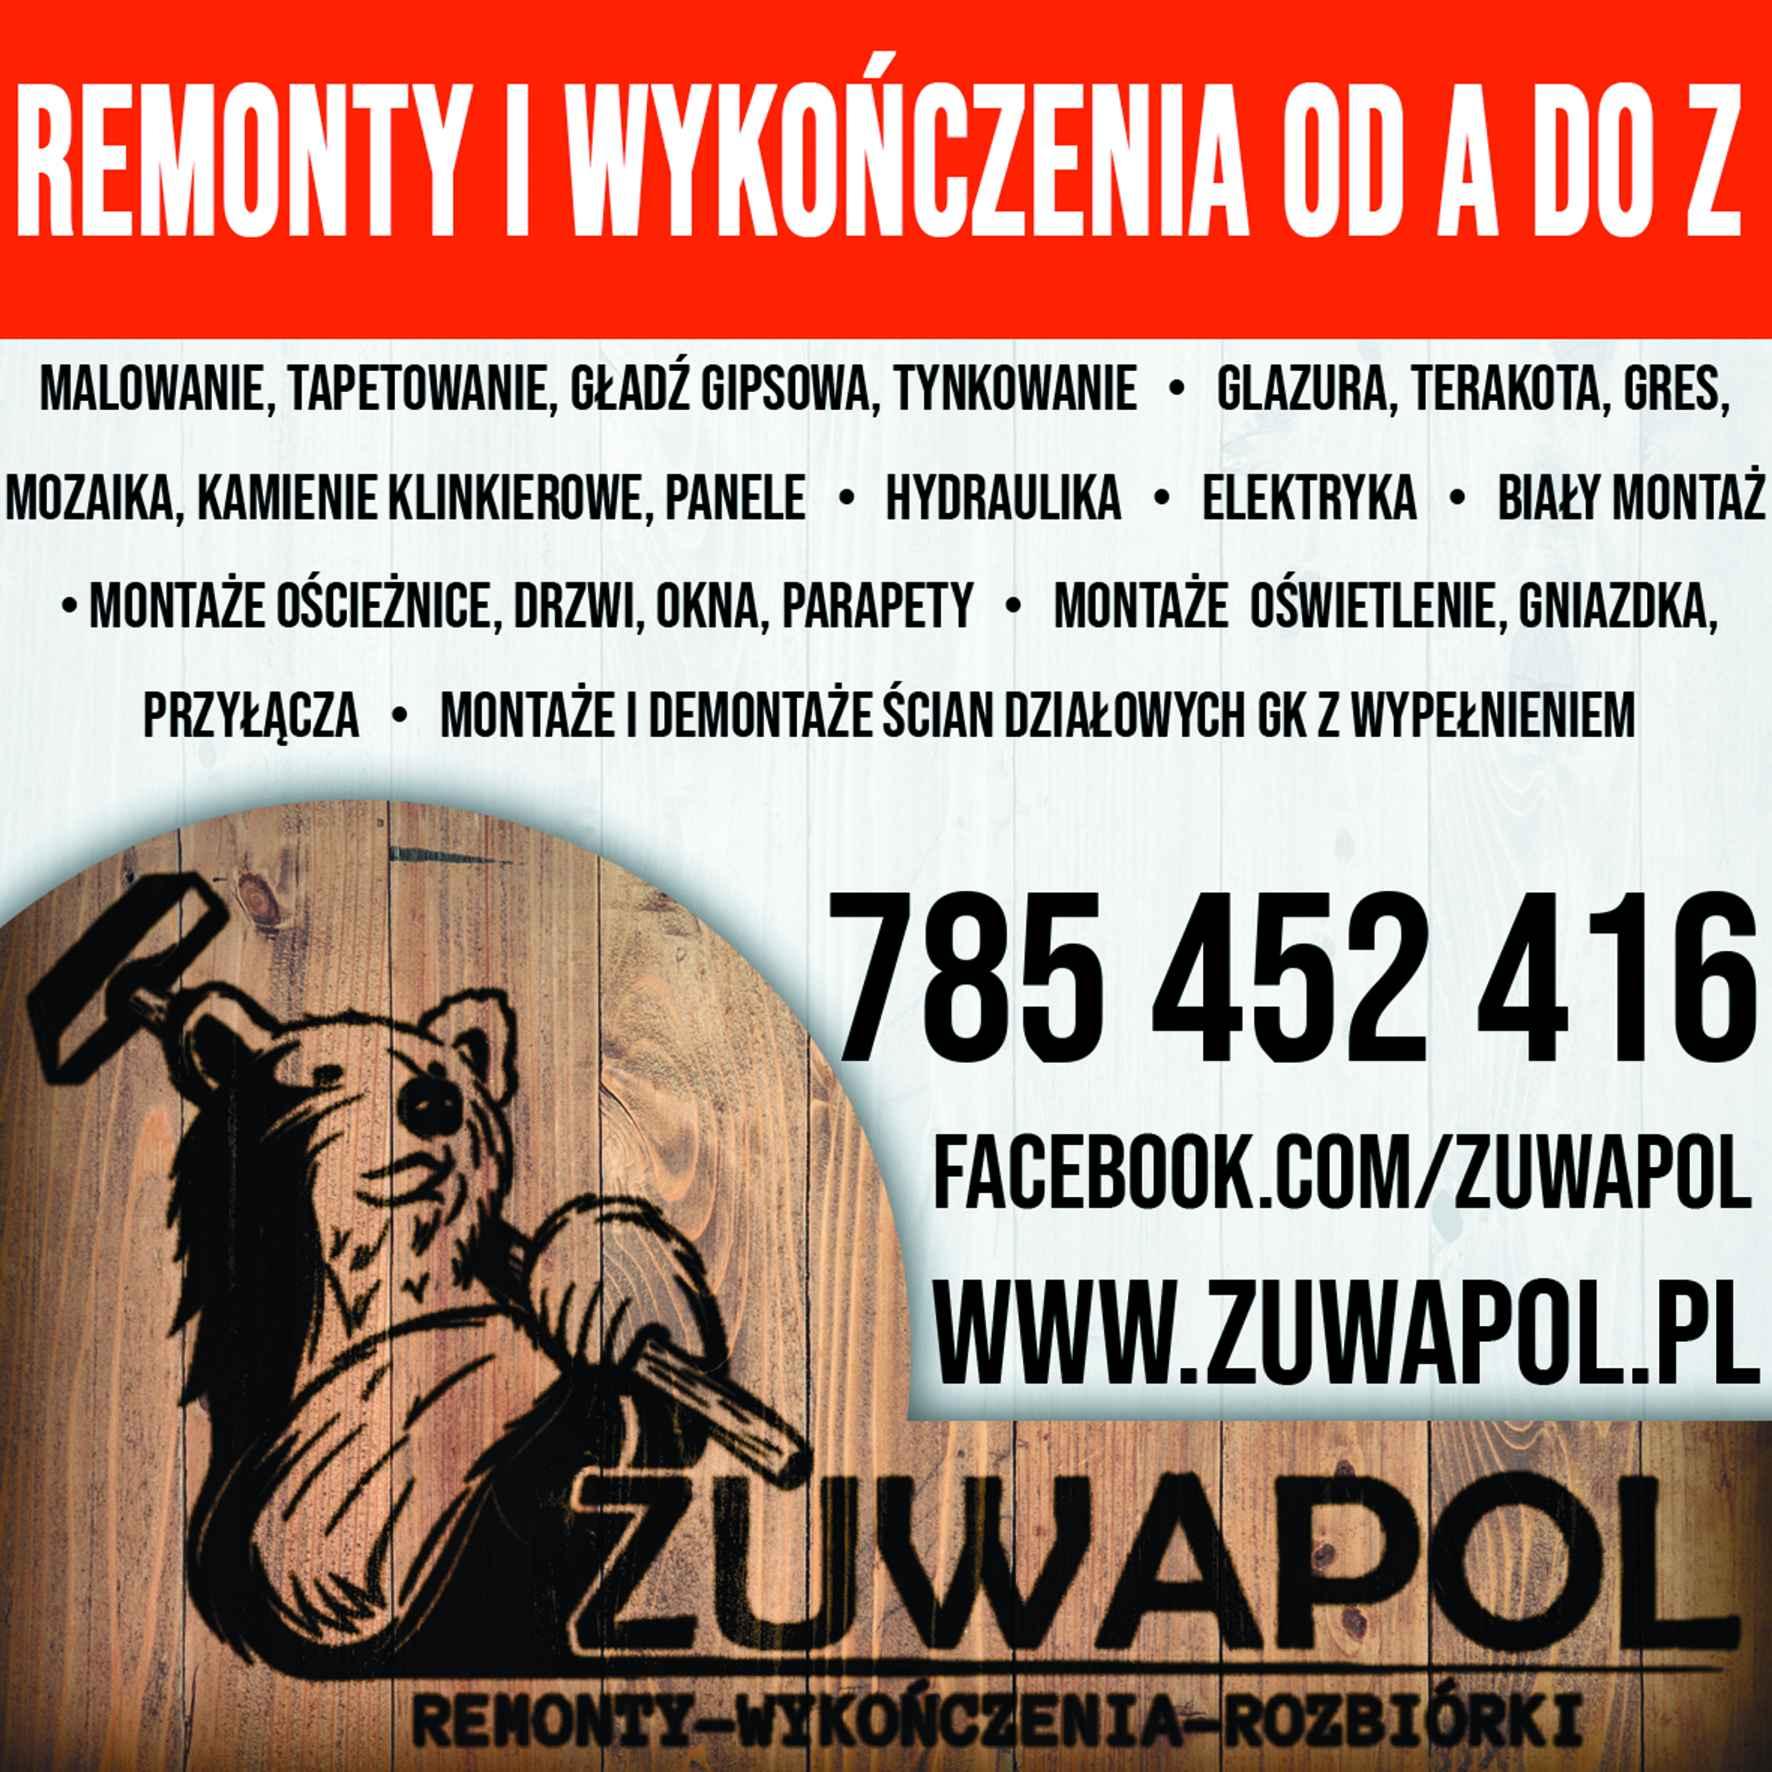 Wykończenia wnętrz / Remonty / Solidnie / Wolne terminy Ursynów - zdjęcie 1